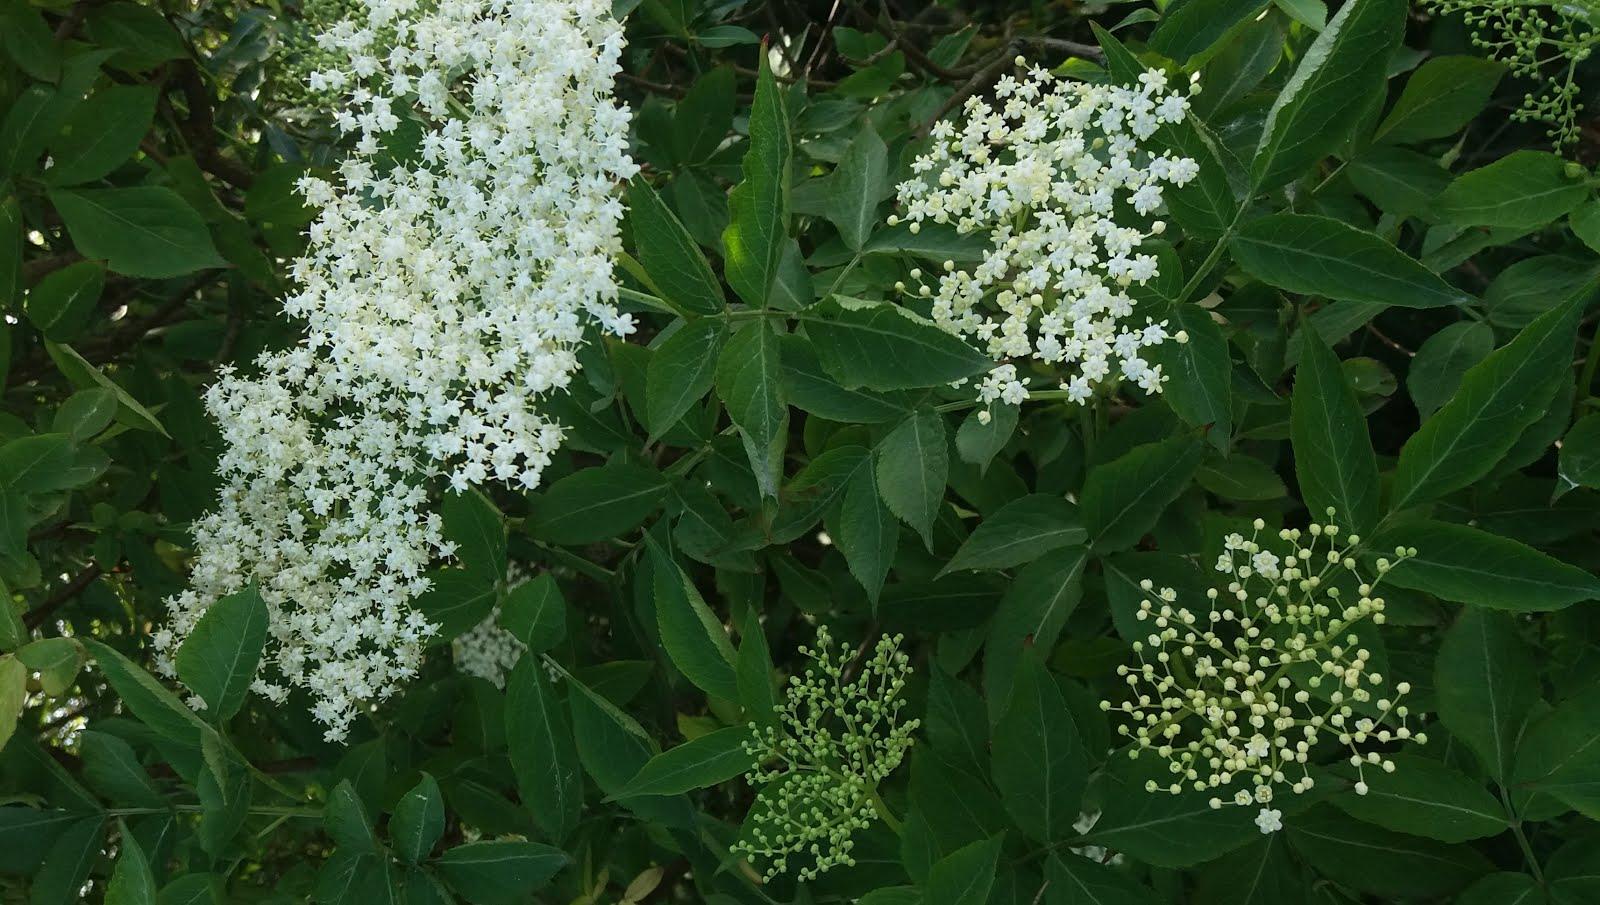 Napój (syrop) z kwiatów czarnego bzu – 5 prostych kroków